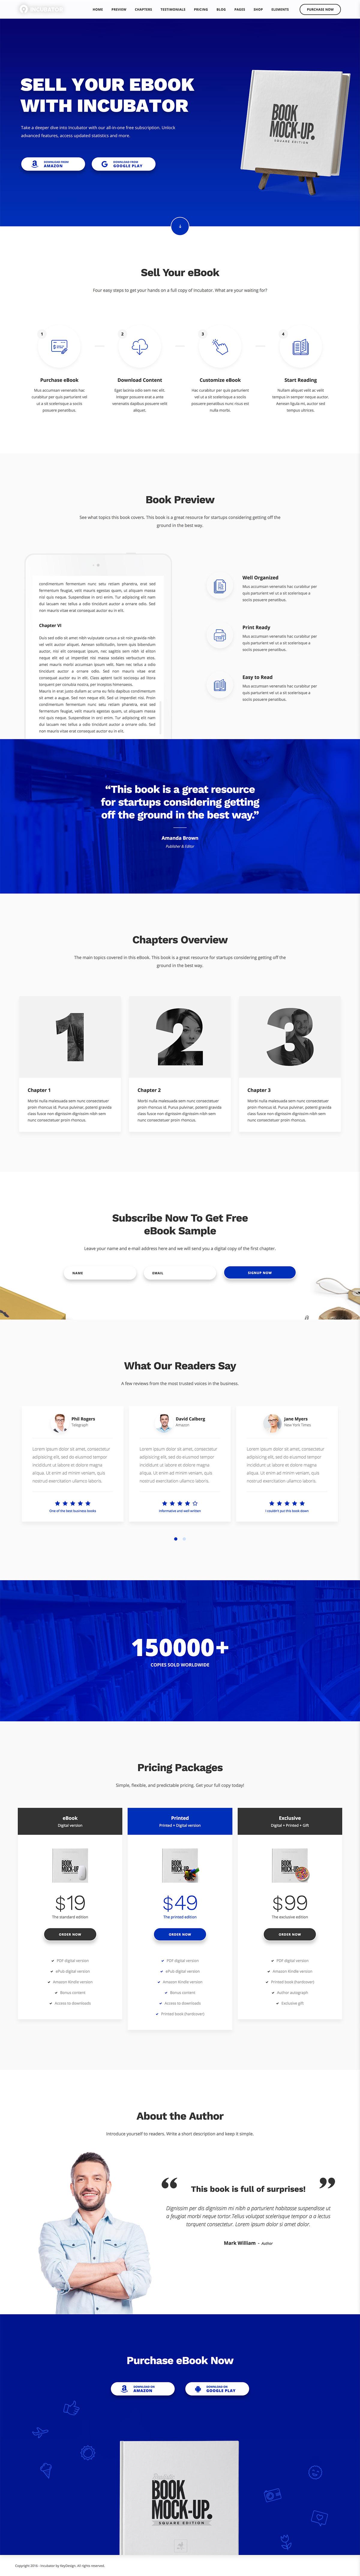 Incubator - eBook WordPress Theme